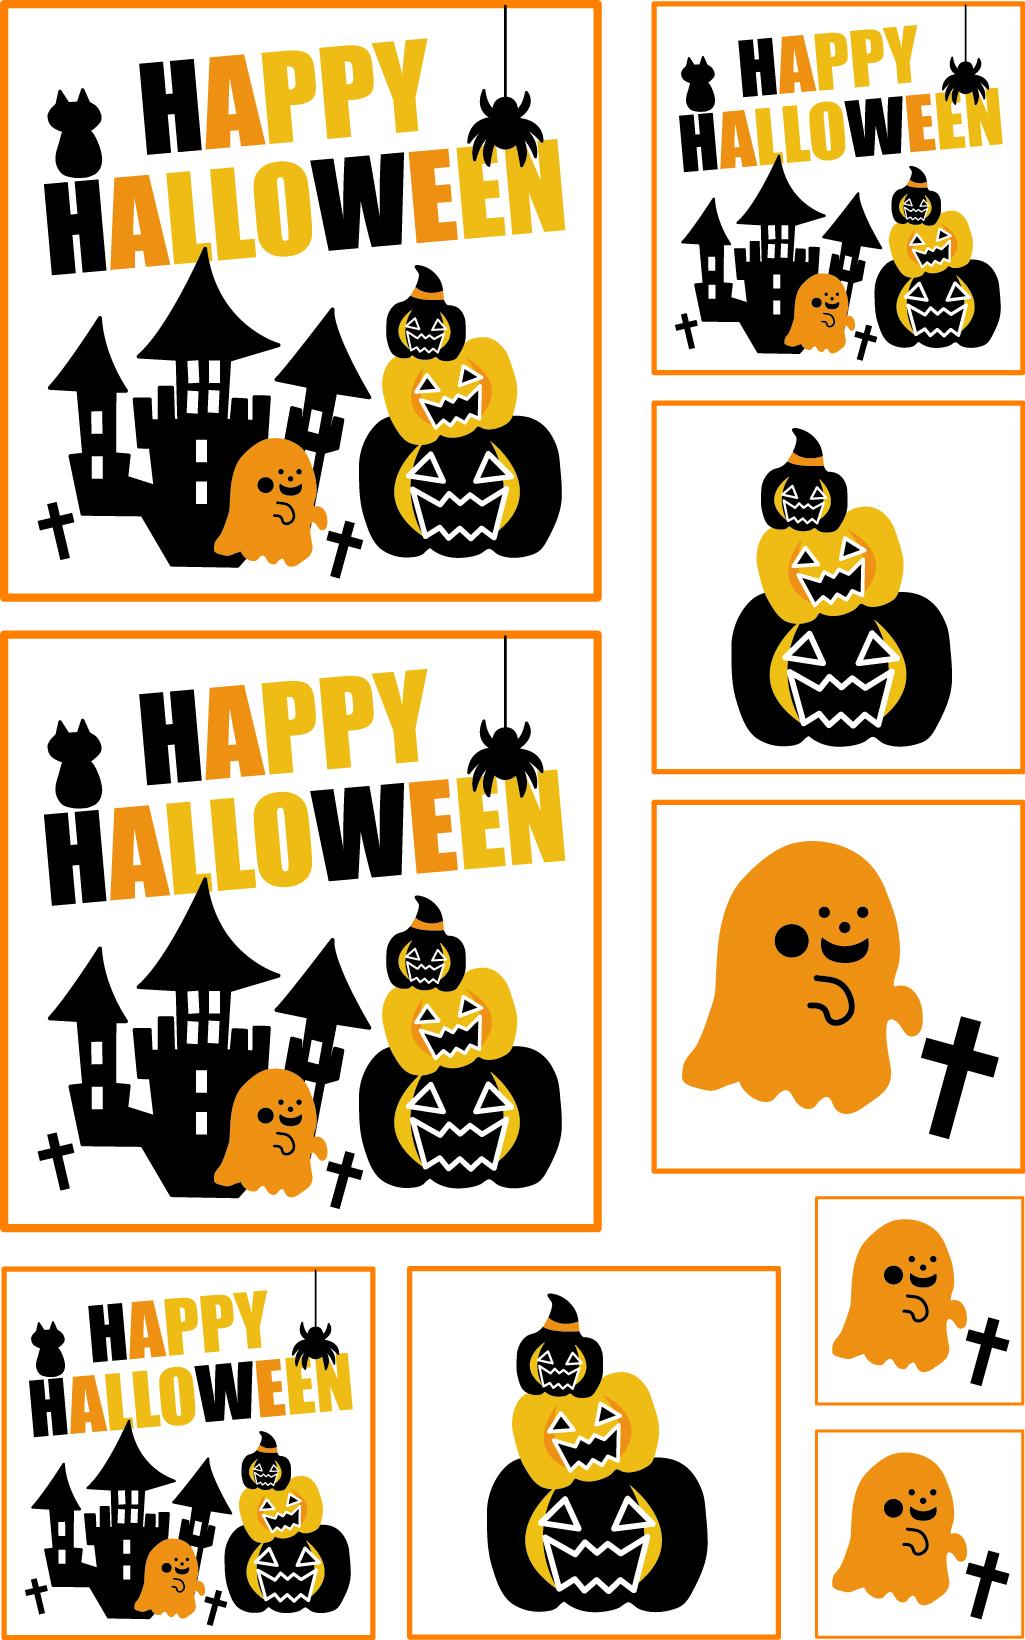 ハロウィングッズを簡単作成!!シールもカードも印刷するだけ色々使える!!2